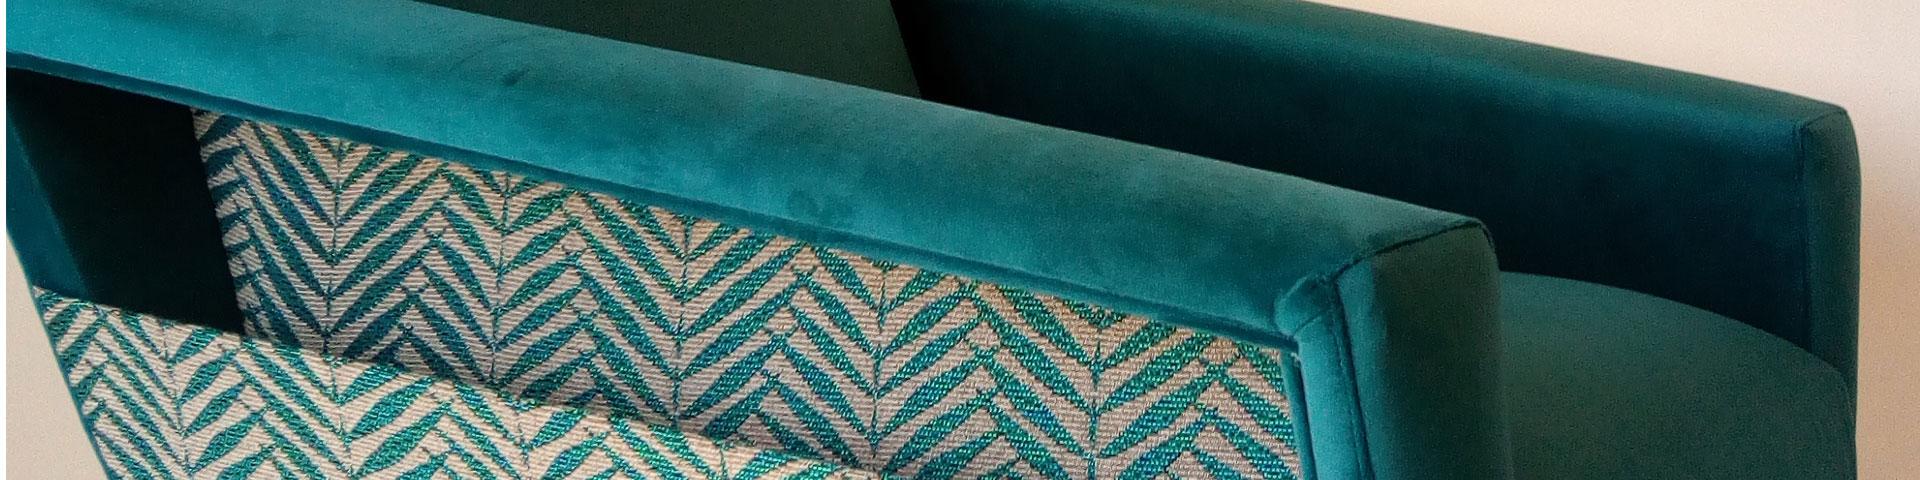 Le Vieux Beau propose une sélection de fauteuils, meubles et objets de décoration vintage